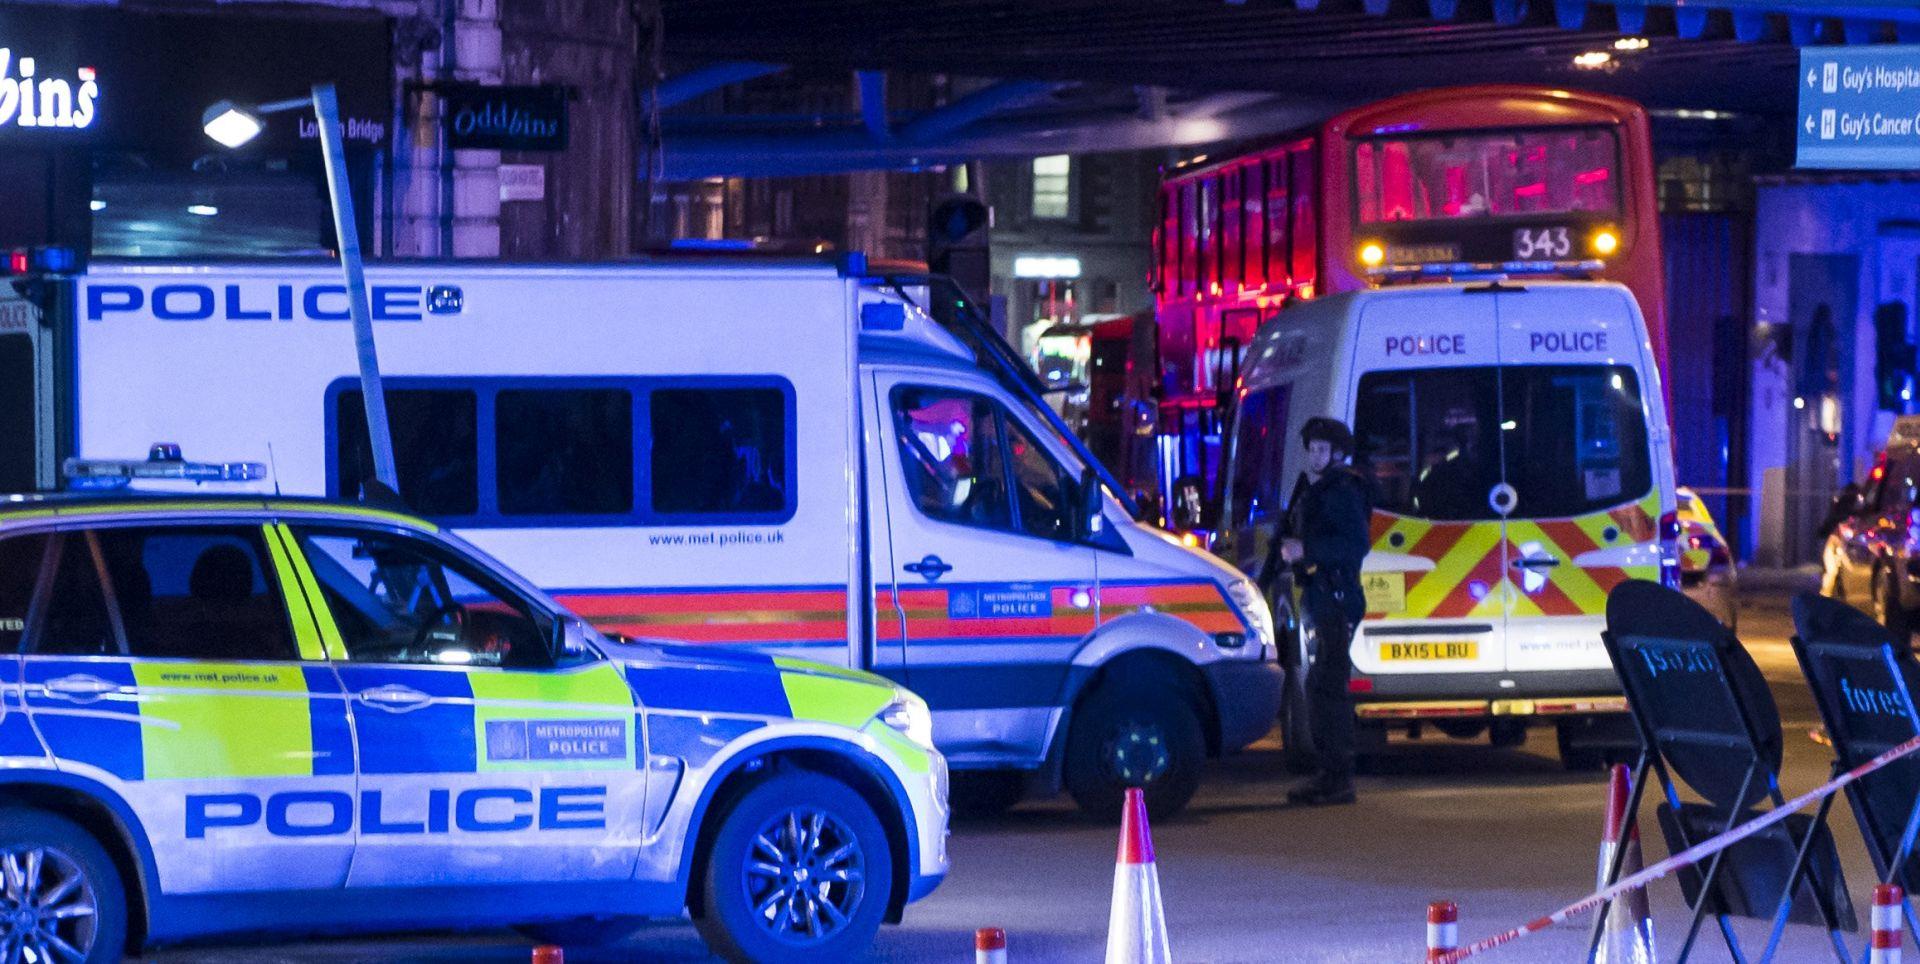 SVJEDOCI NAPADA U LONDONU 'Ozlijeđena žena krvarila je iz vrata, činilo se da joj je prerezan grkljan'